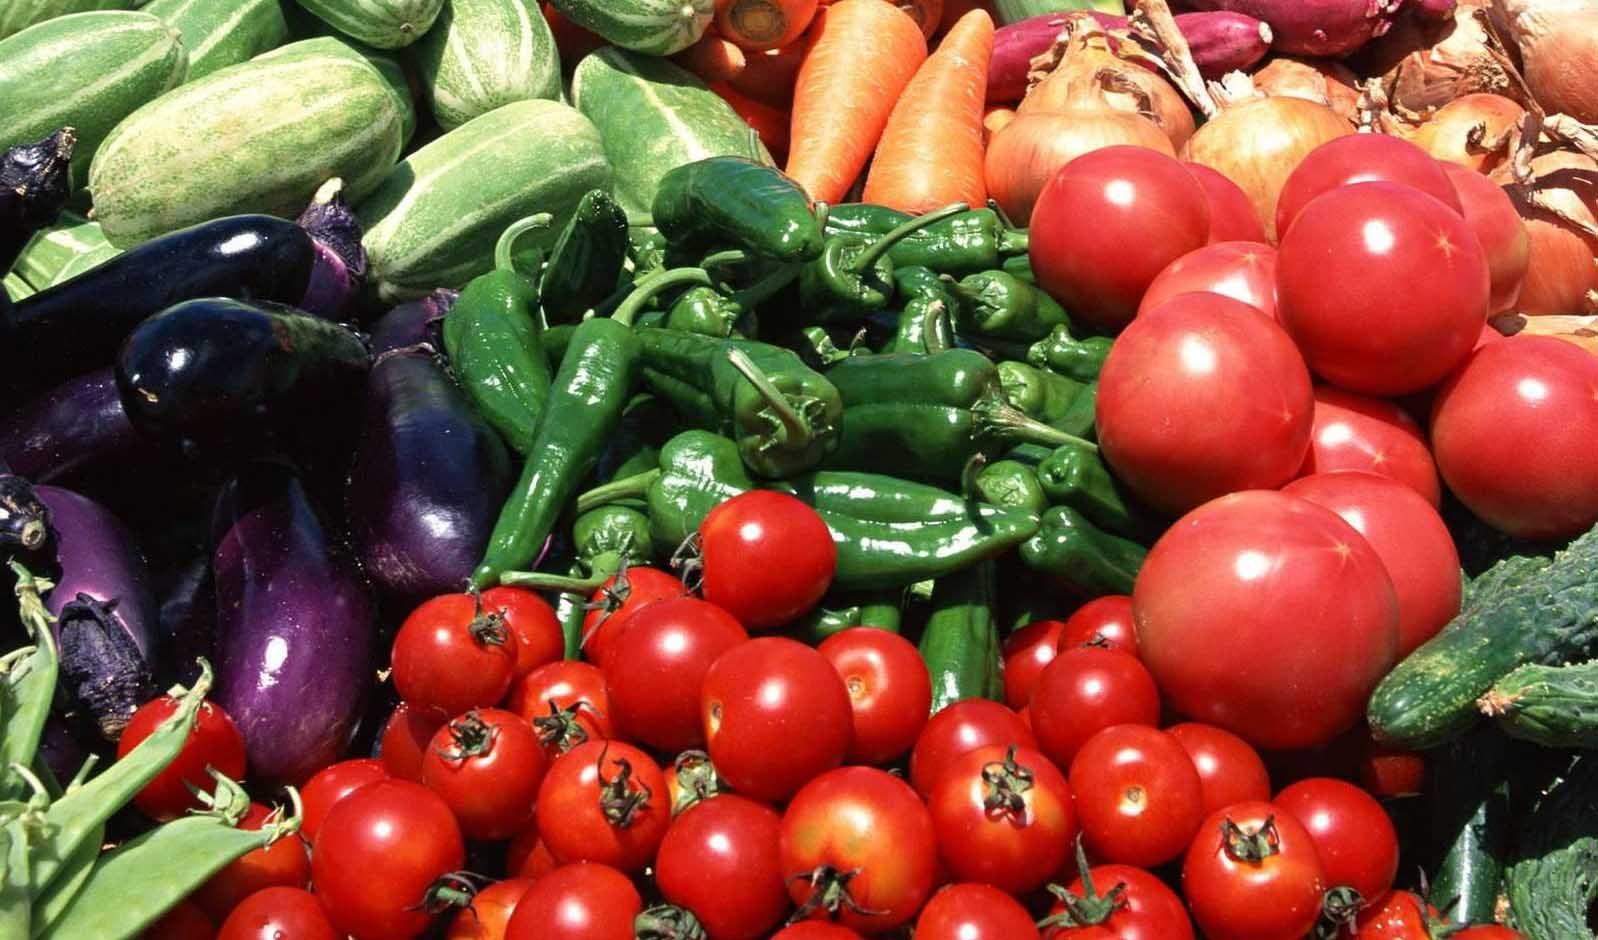 گرانی سبزی و صیفی به دلیل صادرات